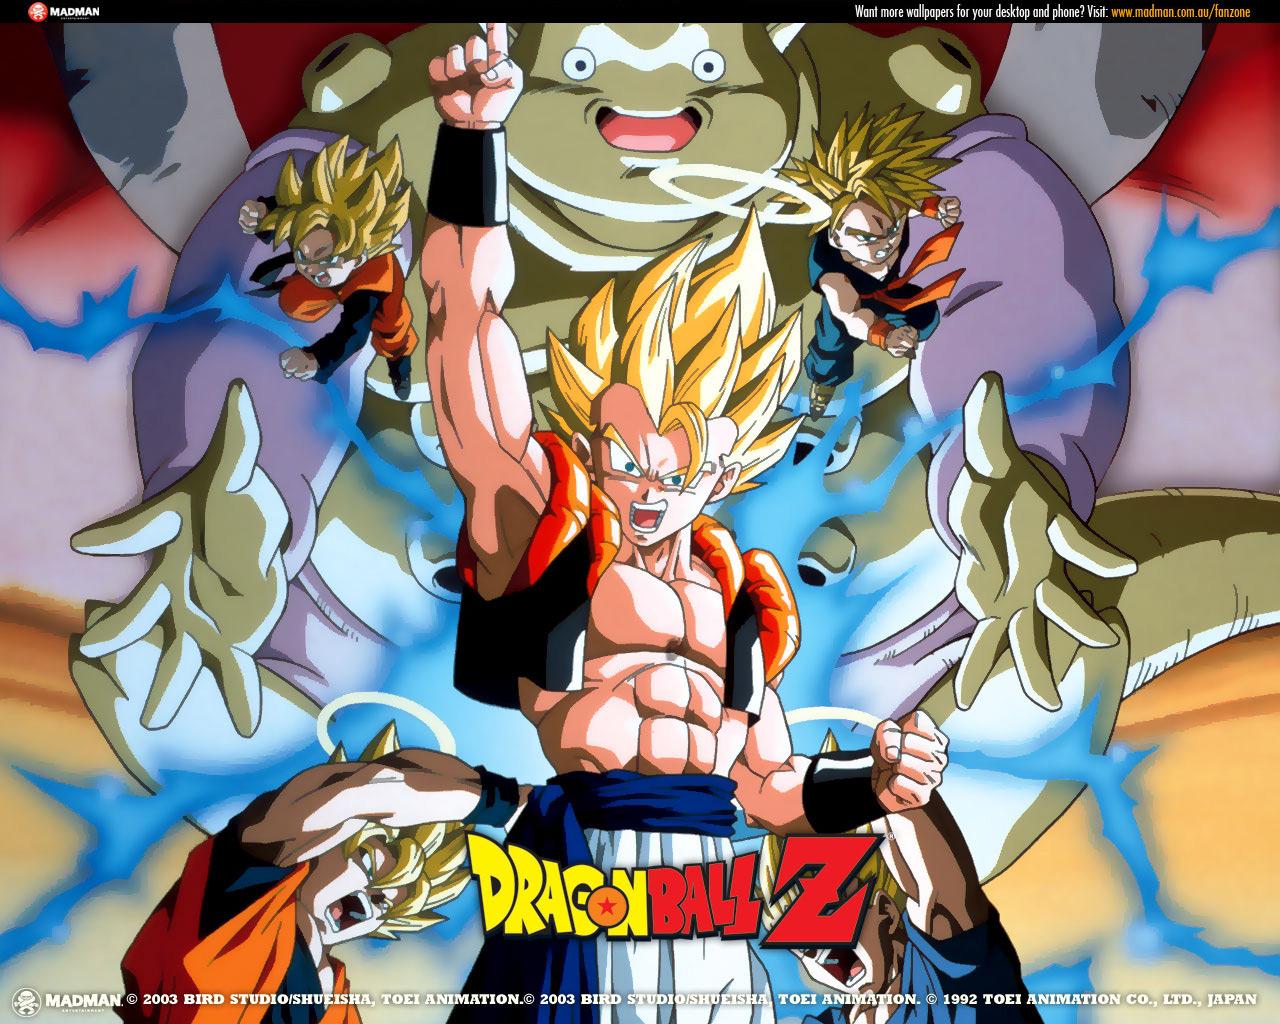 Anime Wallpapers HD Dragon Ball Wallpapers HD 1280x1024